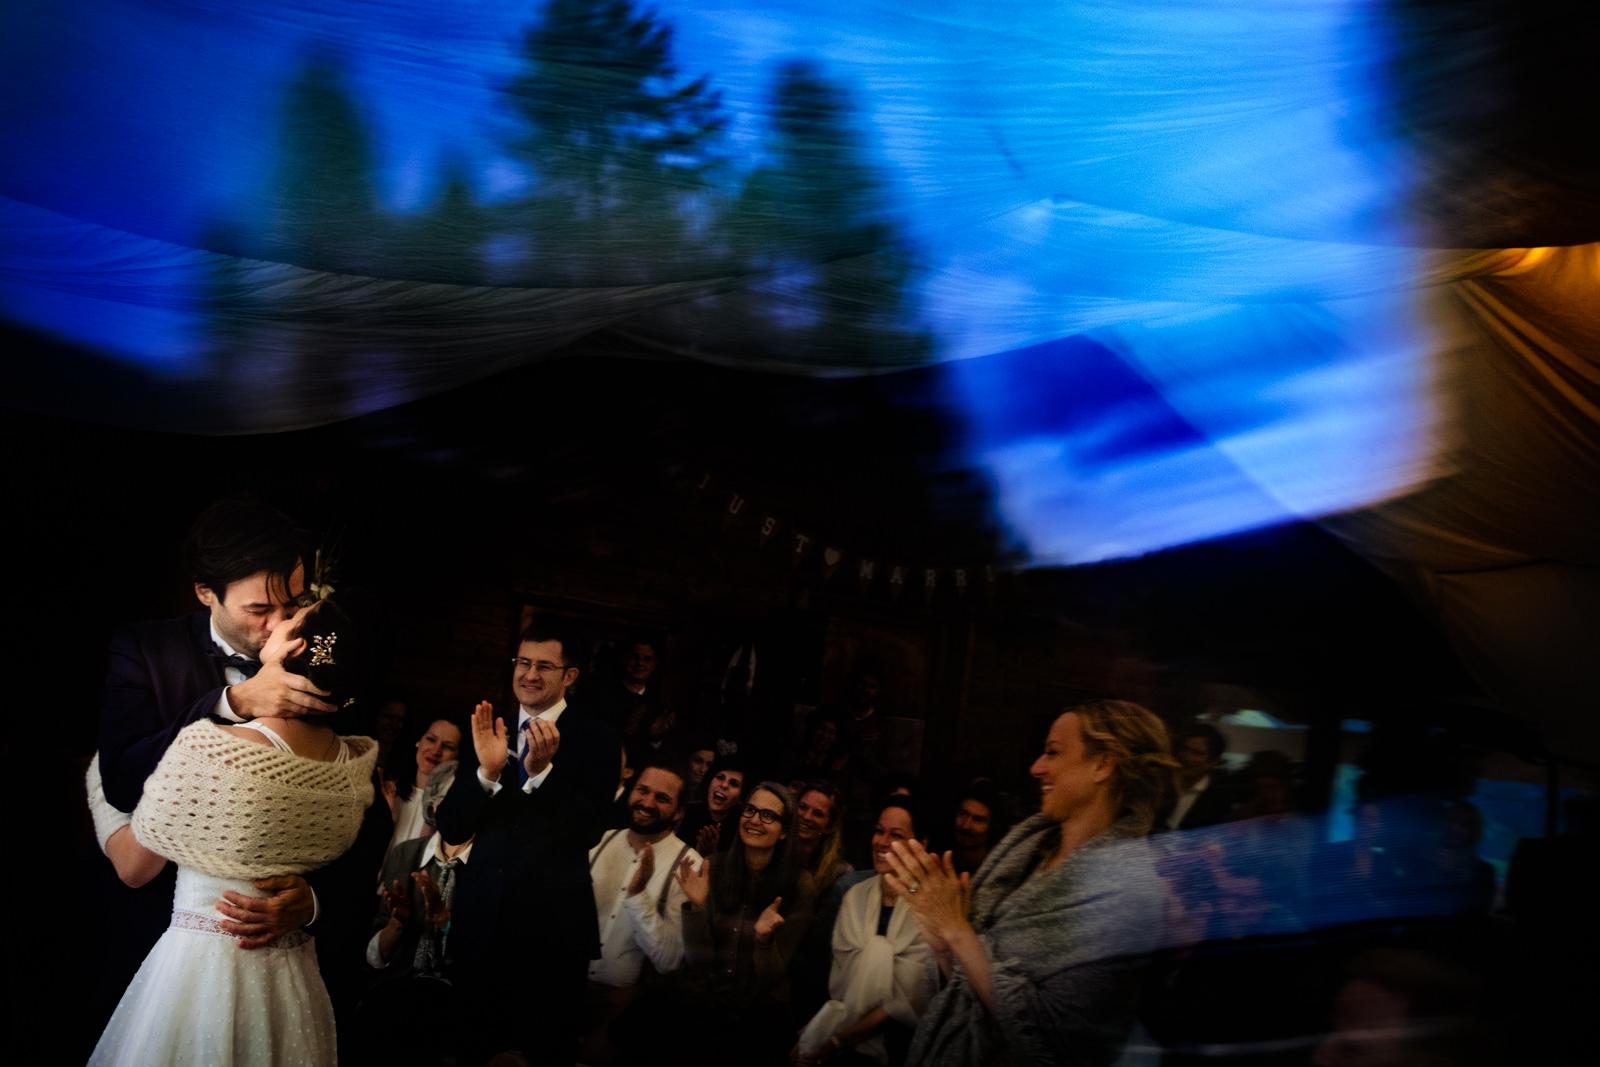 Erster Kuss bei einer freien Trauung von Trautante Friederike Delong auf einer Hochzeit auf der Kalchkendlalm in Rauris fotografiert von Hochzeitsfotograf Steven Herrschaft aus Wiesbaden